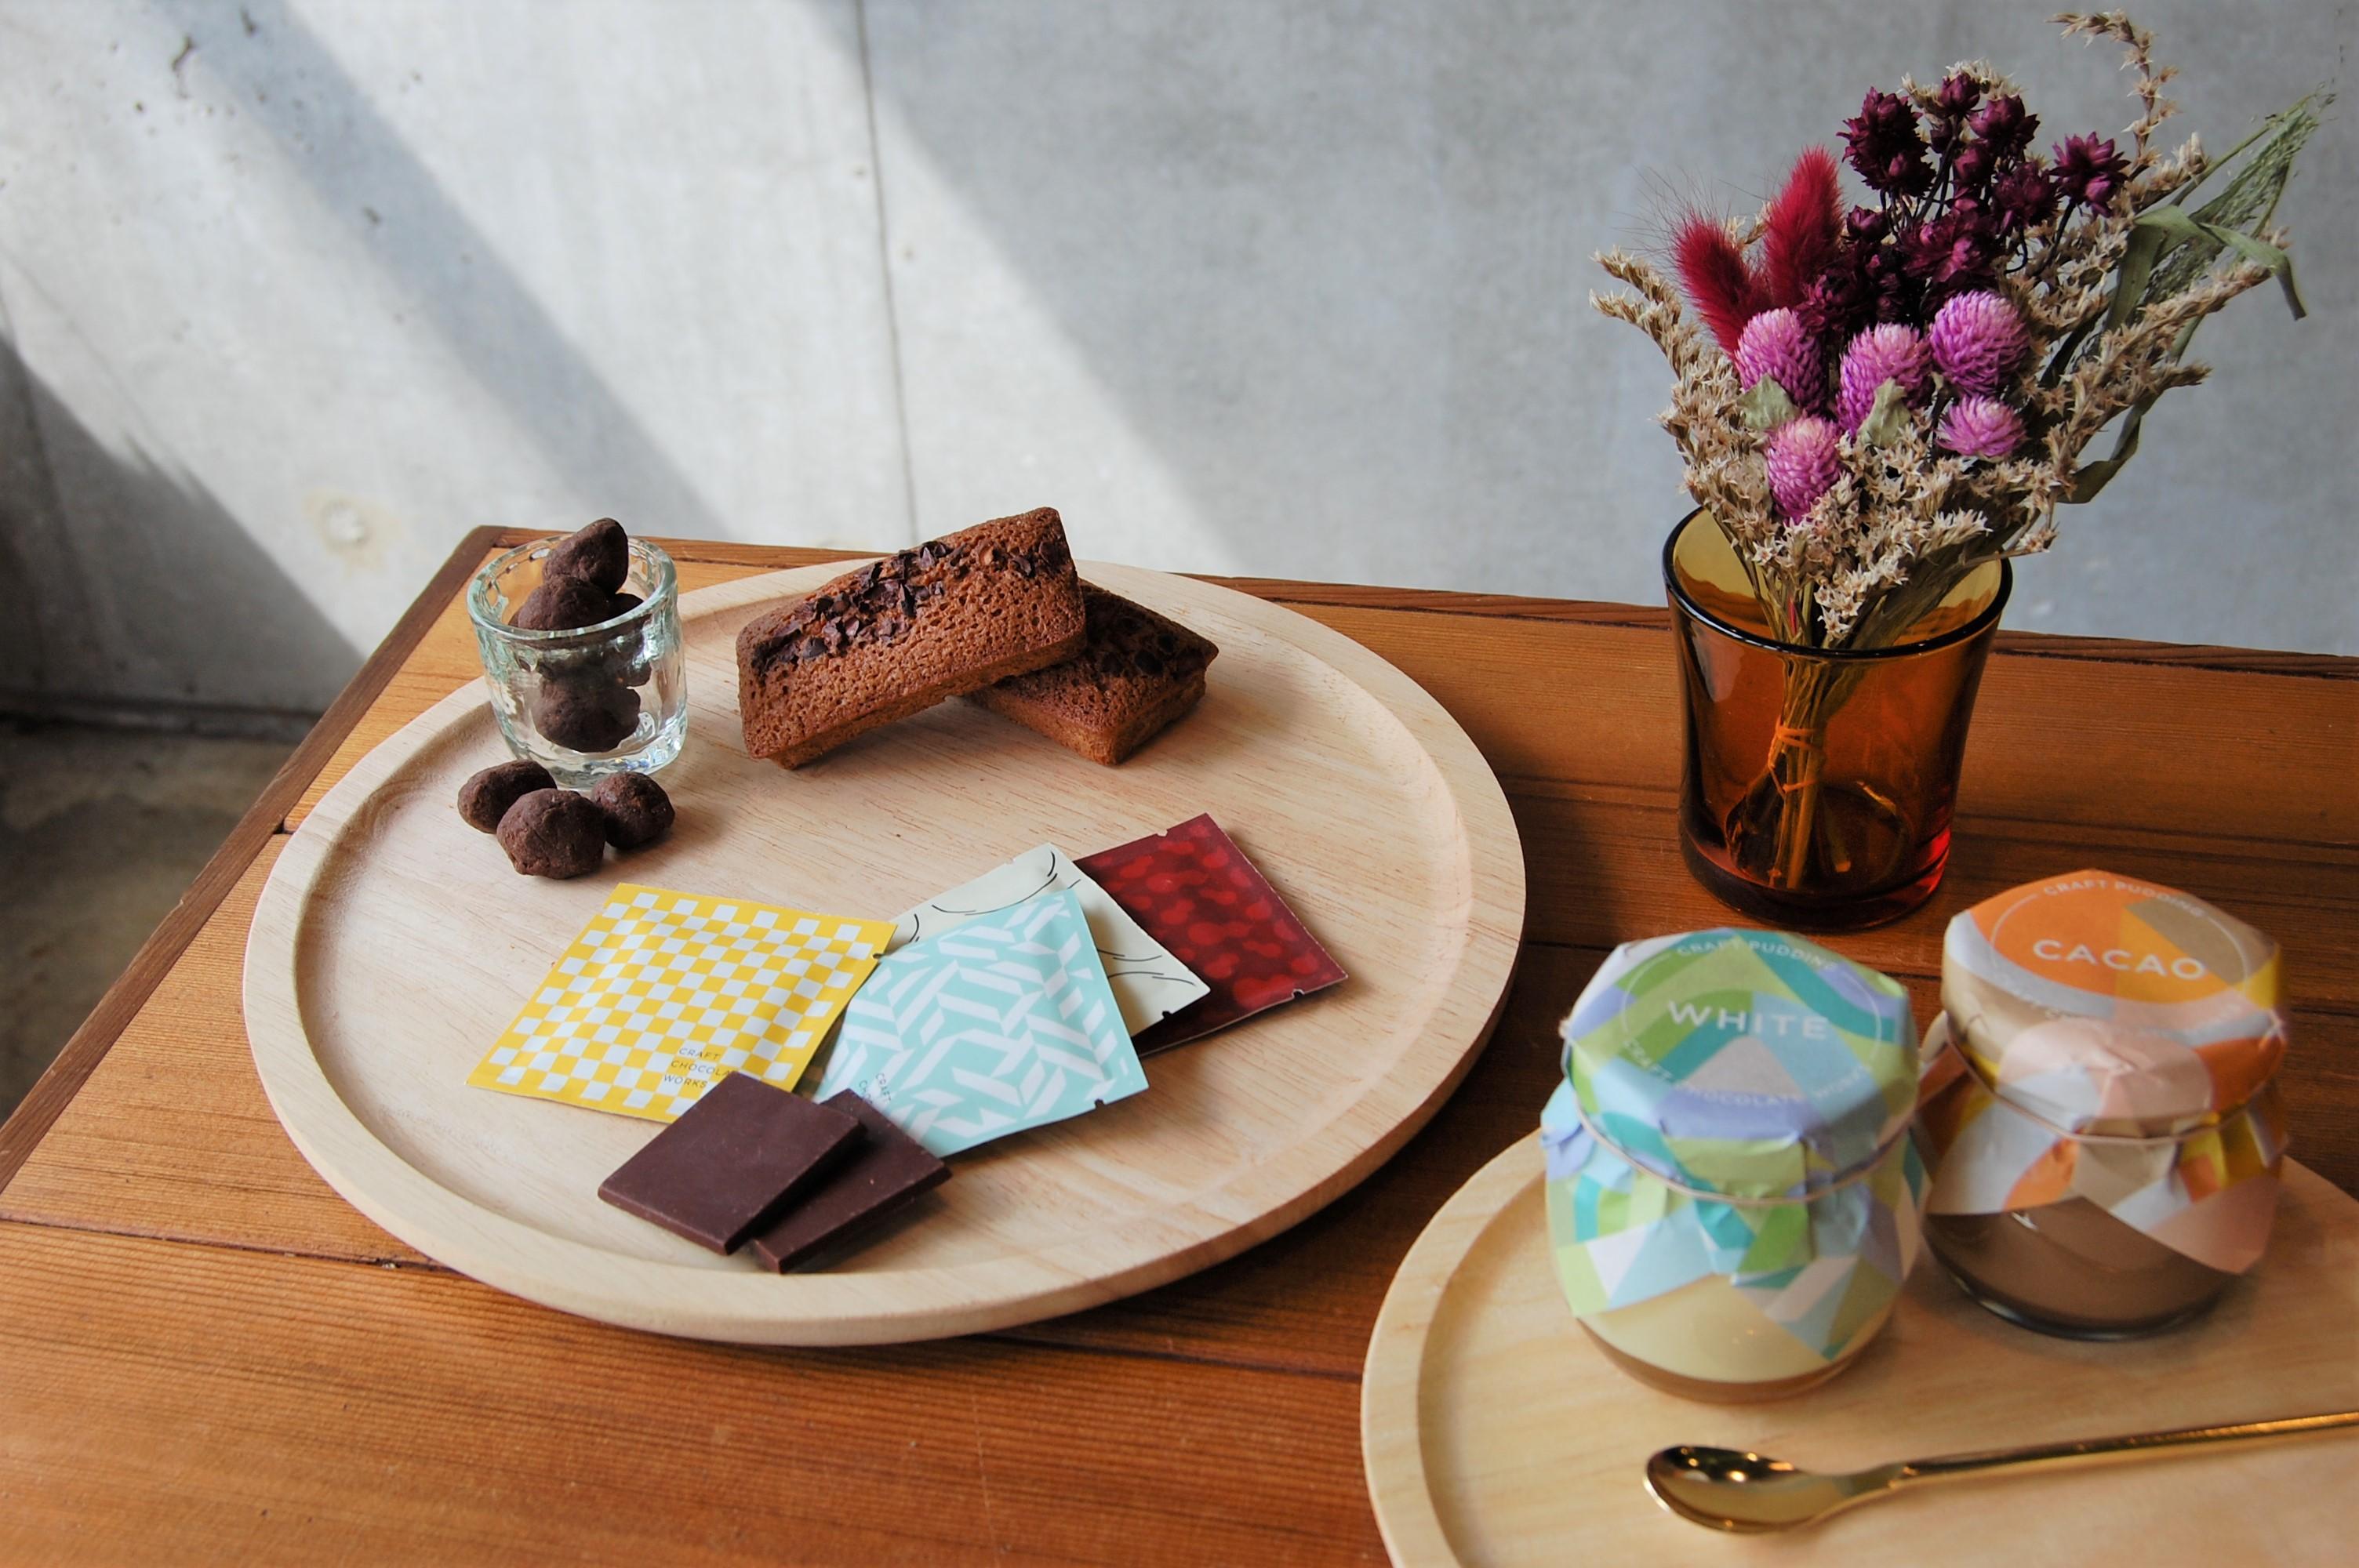 母の日ギフトにCCWのチョコレートとお花を贈ろう♪